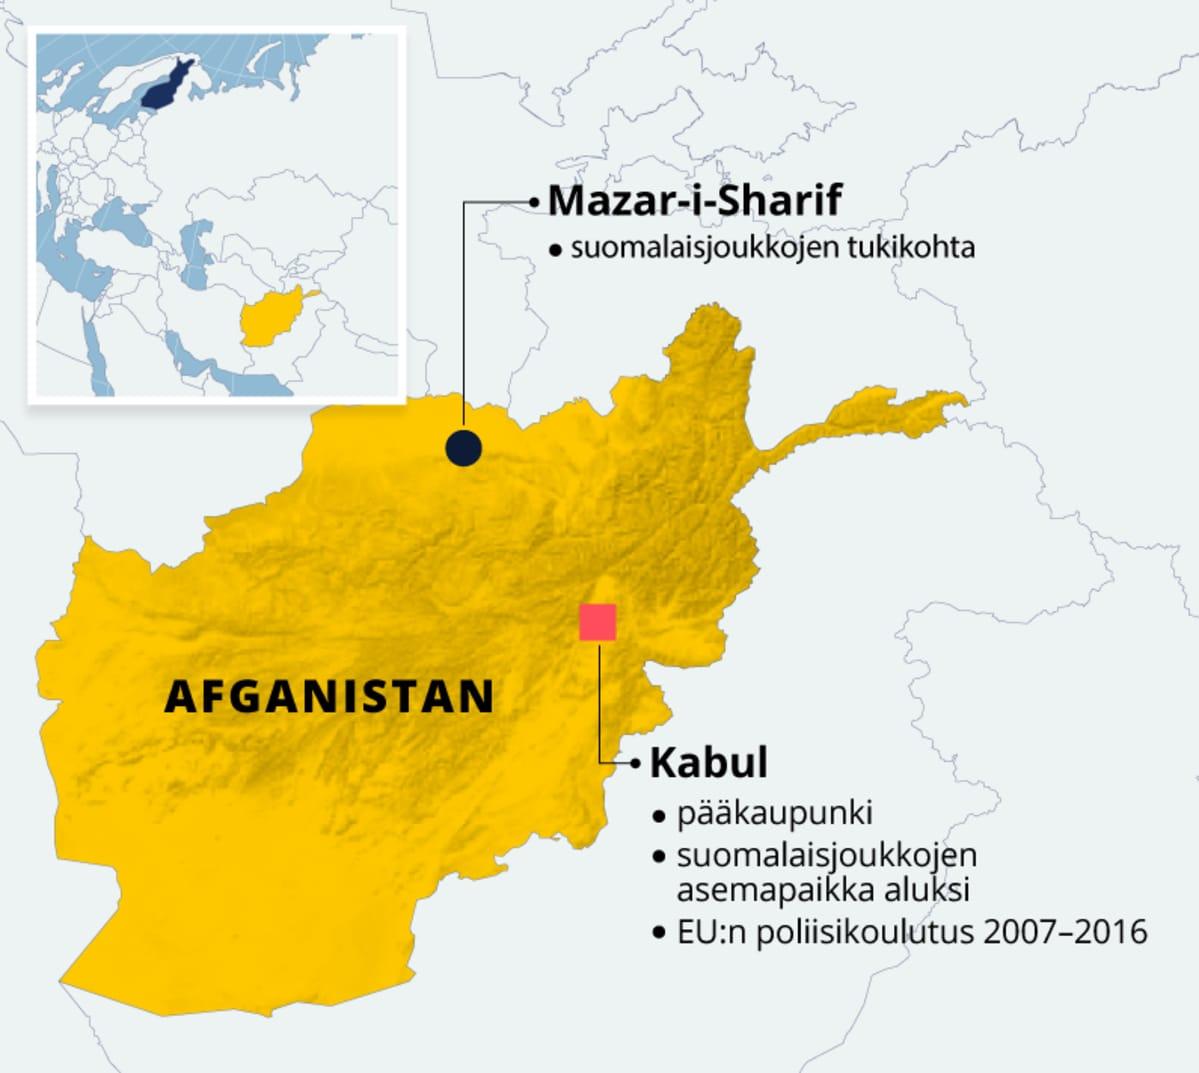 Afganistanin kartta johon on merkitty myös Mazar-i-Sharifin ja pääkaupunki Kabulin sijainti.